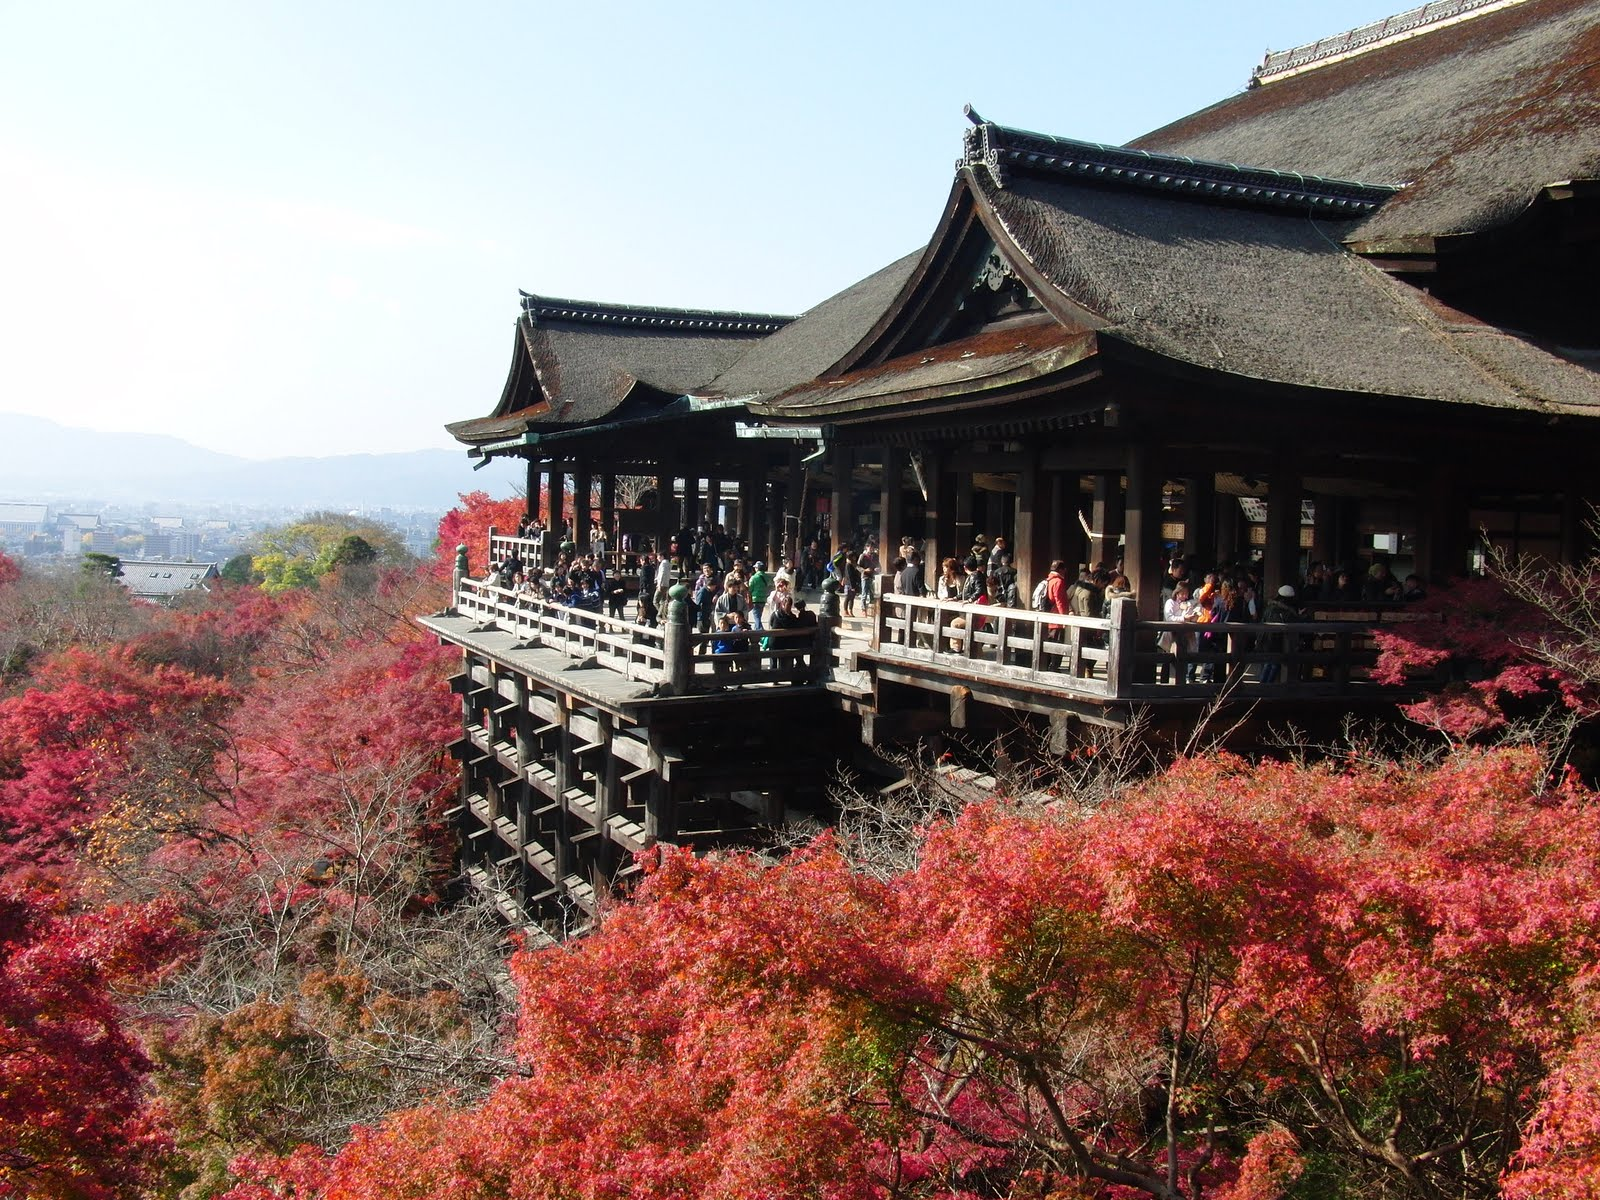 Kyomizu-dera